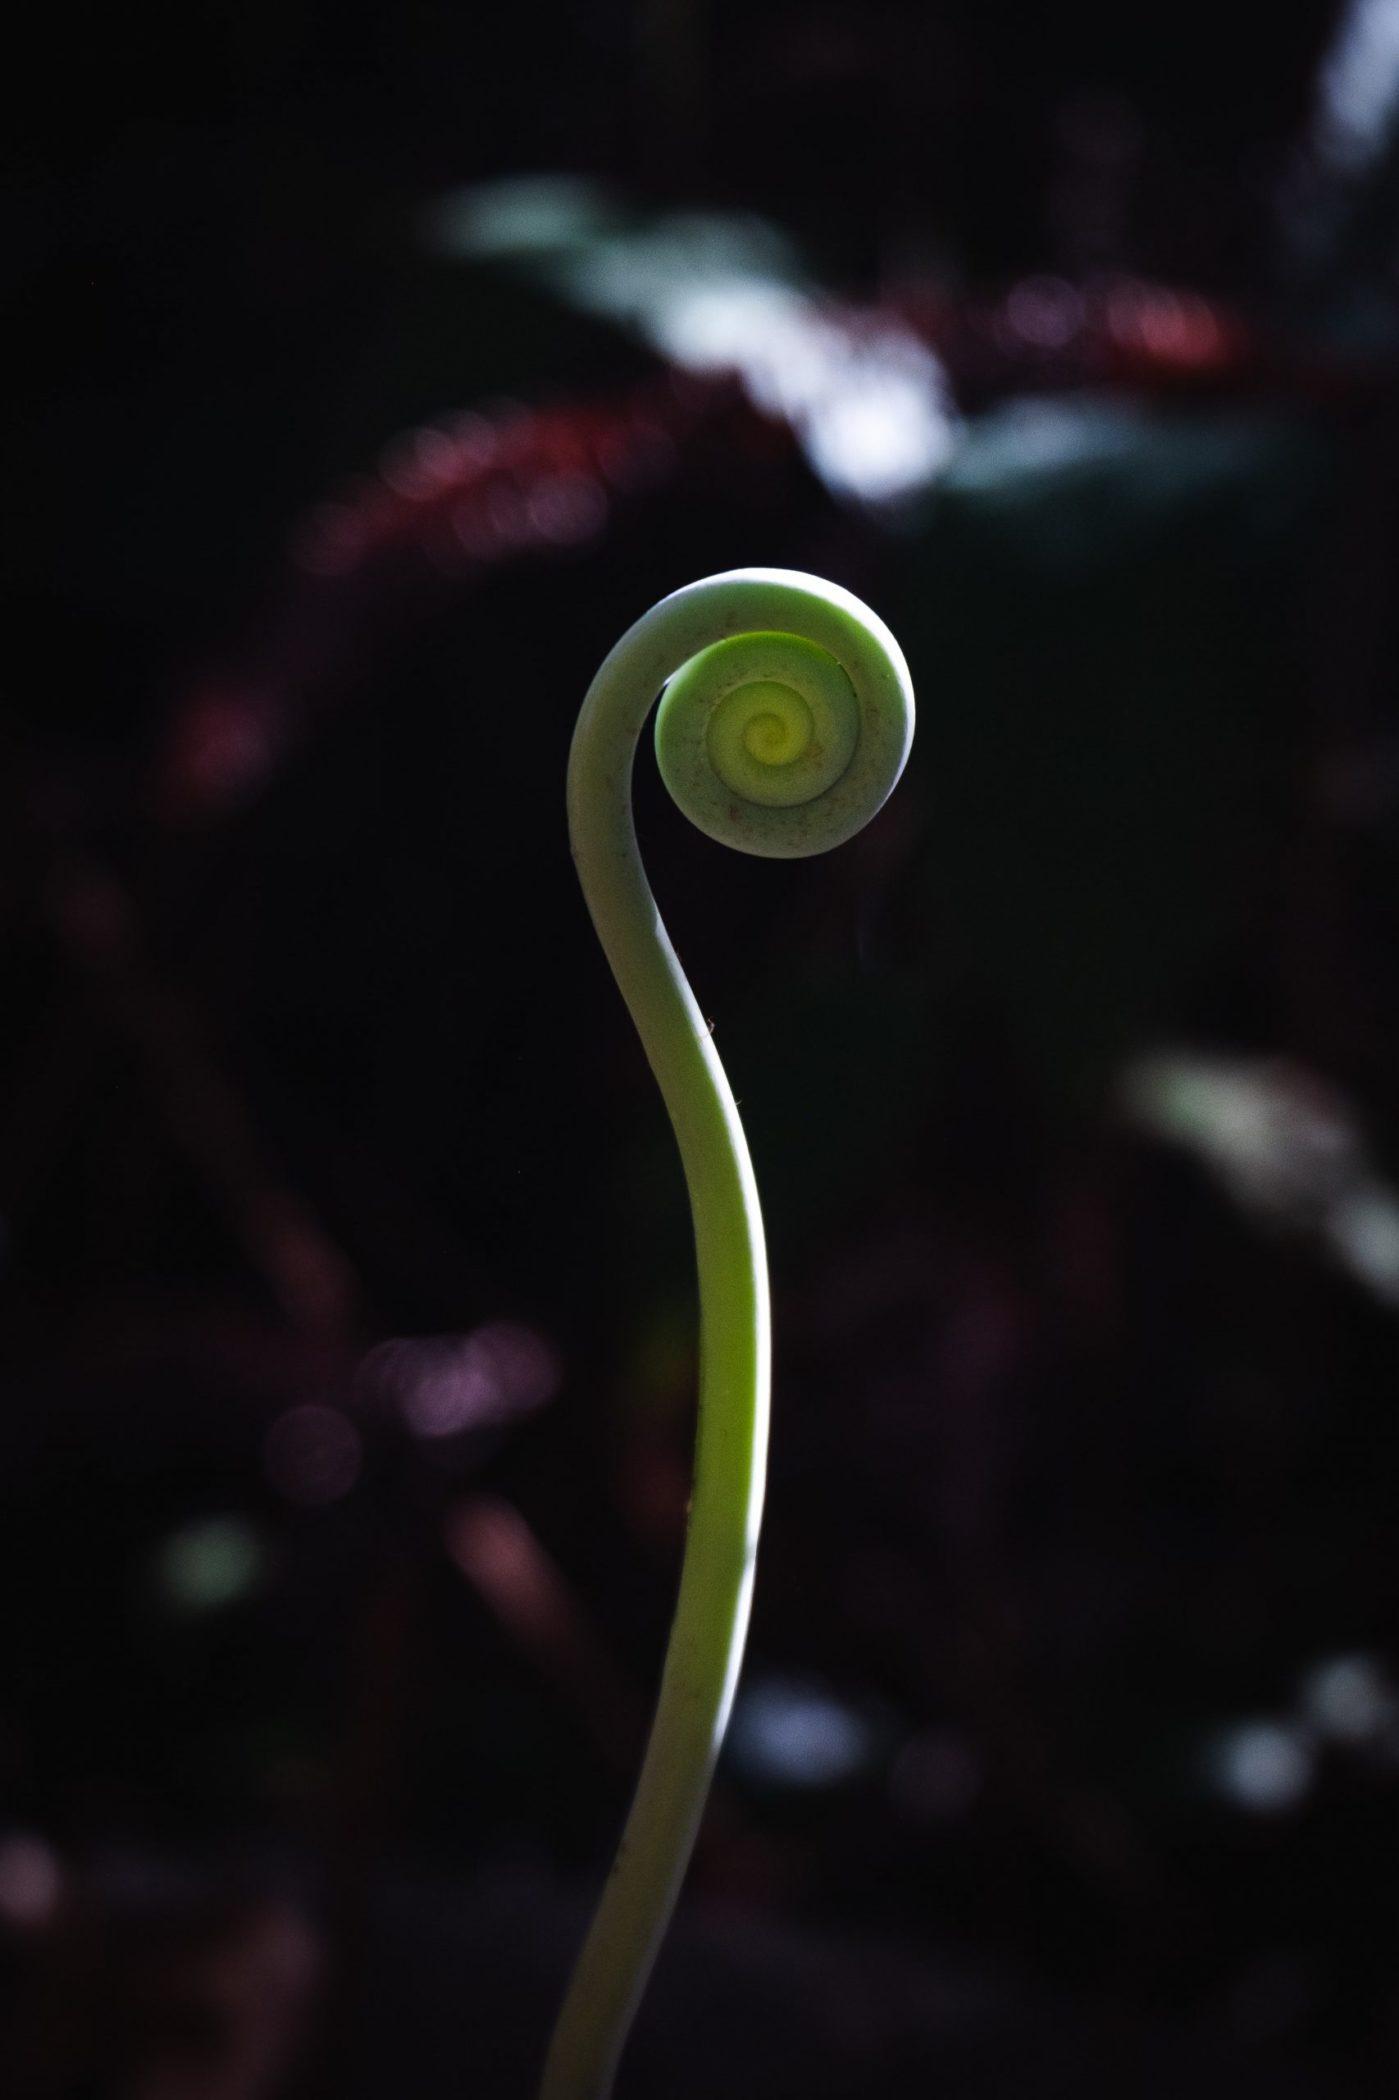 Single fiddle head fern